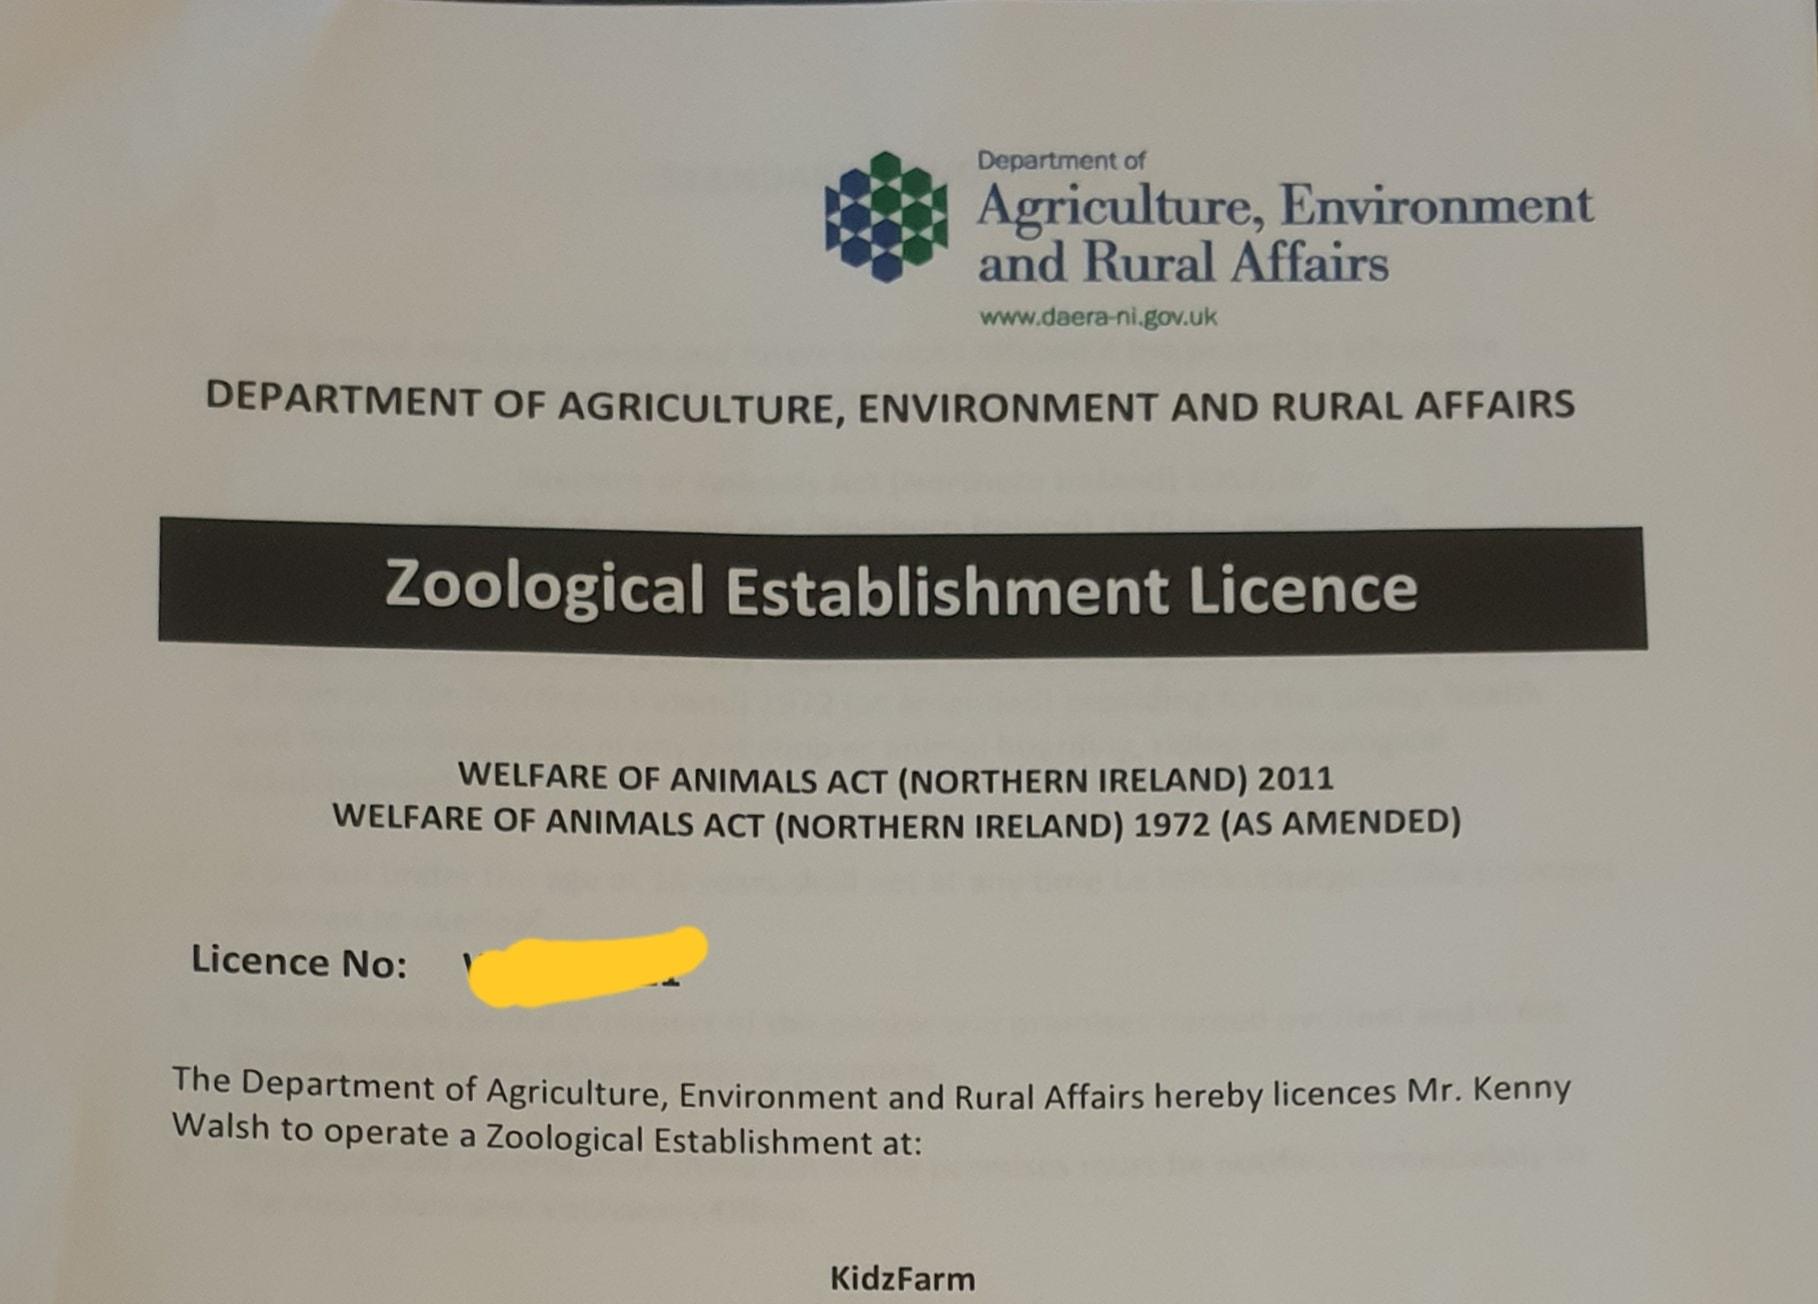 Kidz Farm – Zoo Licence